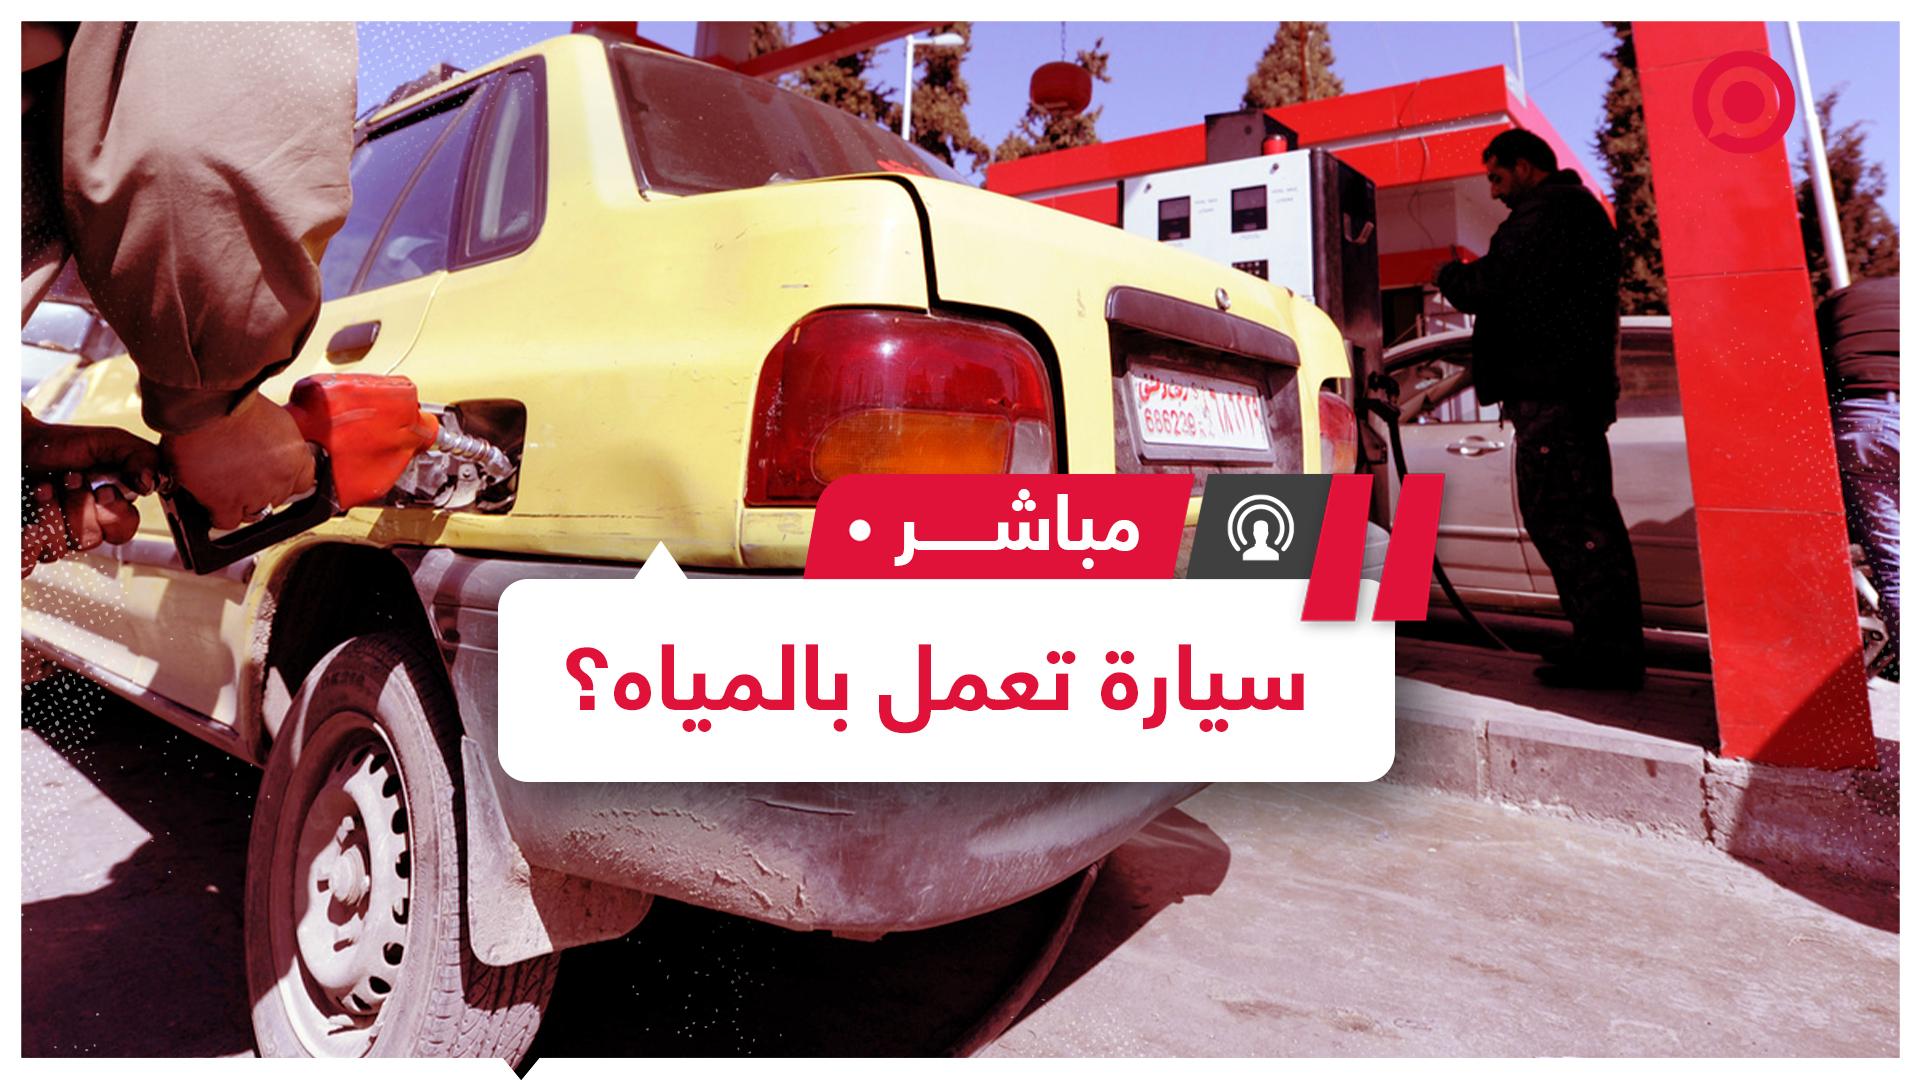 #سوريا #سيارة #اختراع #مياه